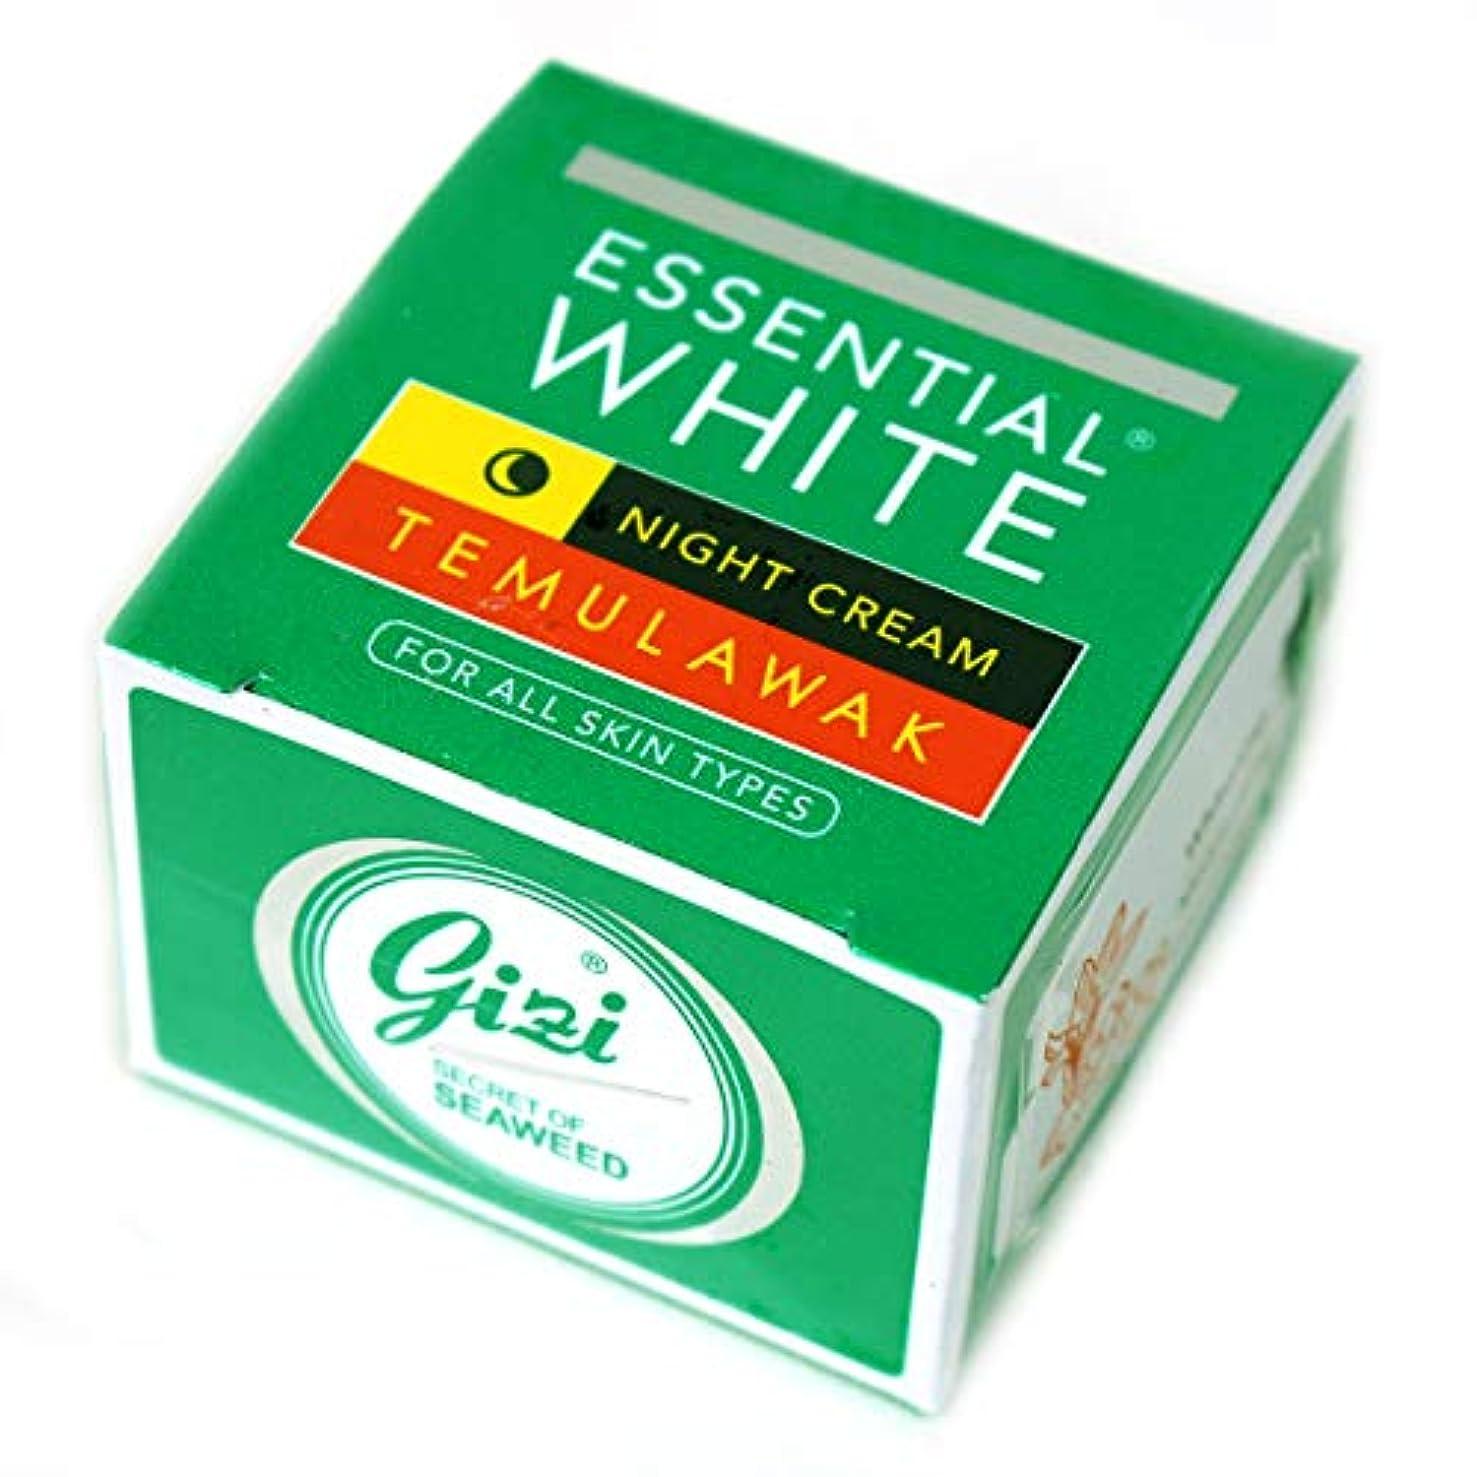 可動枢機卿霊ギジ gizi Essential White ナイト用スキンケアクリーム ボトルタイプ 9g テムラワク ウコン など天然成分配合 [海外直送品]